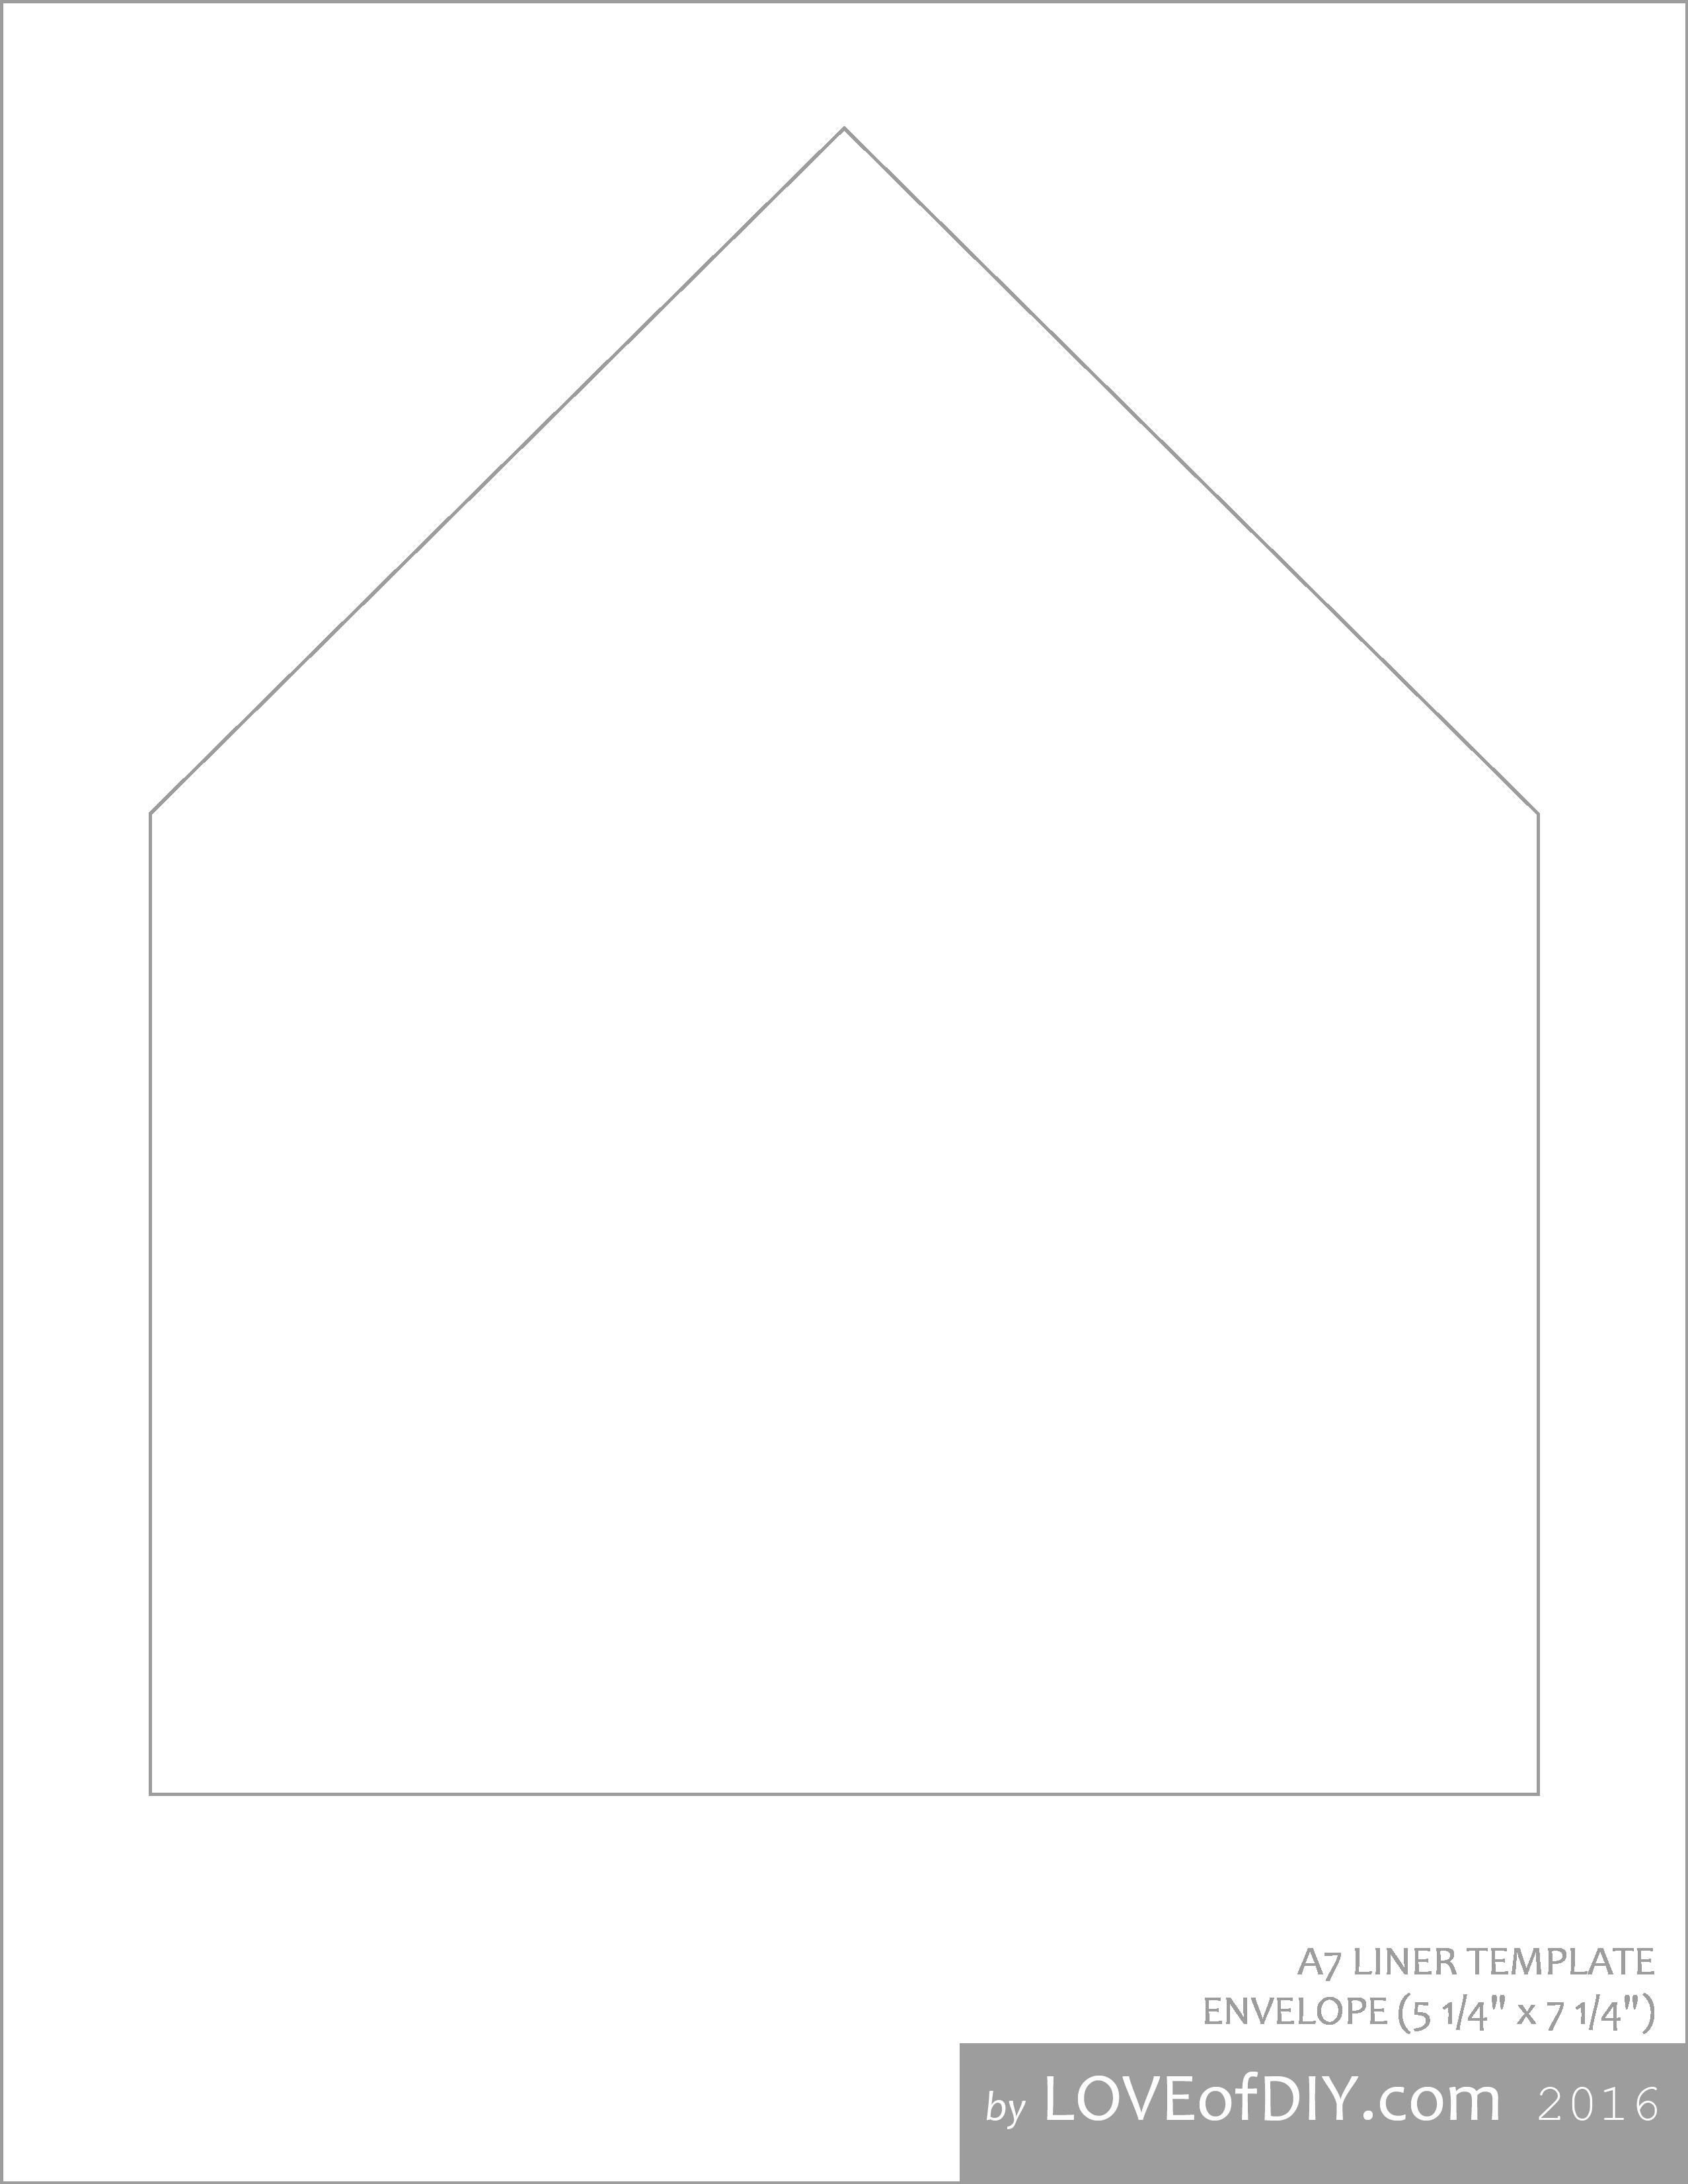 A7 Envelope Template Word Luxury Envelope Liner Tutorial